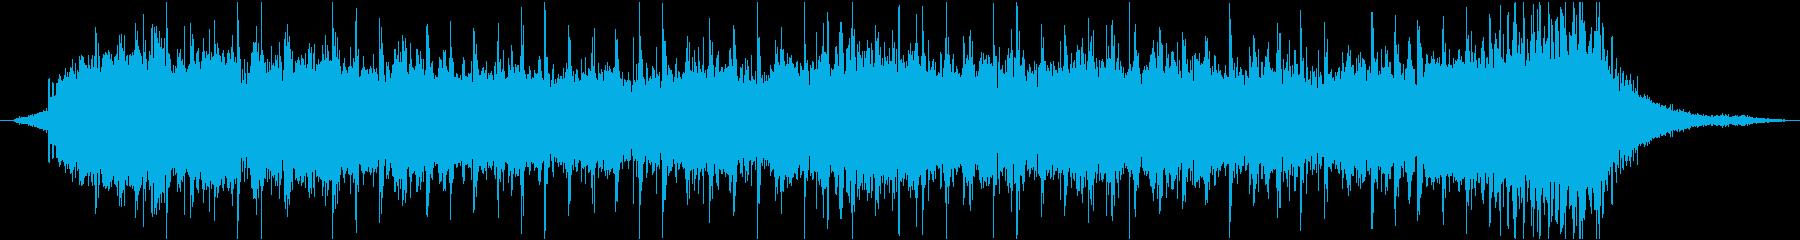 和楽器を主に利用したテーマの再生済みの波形